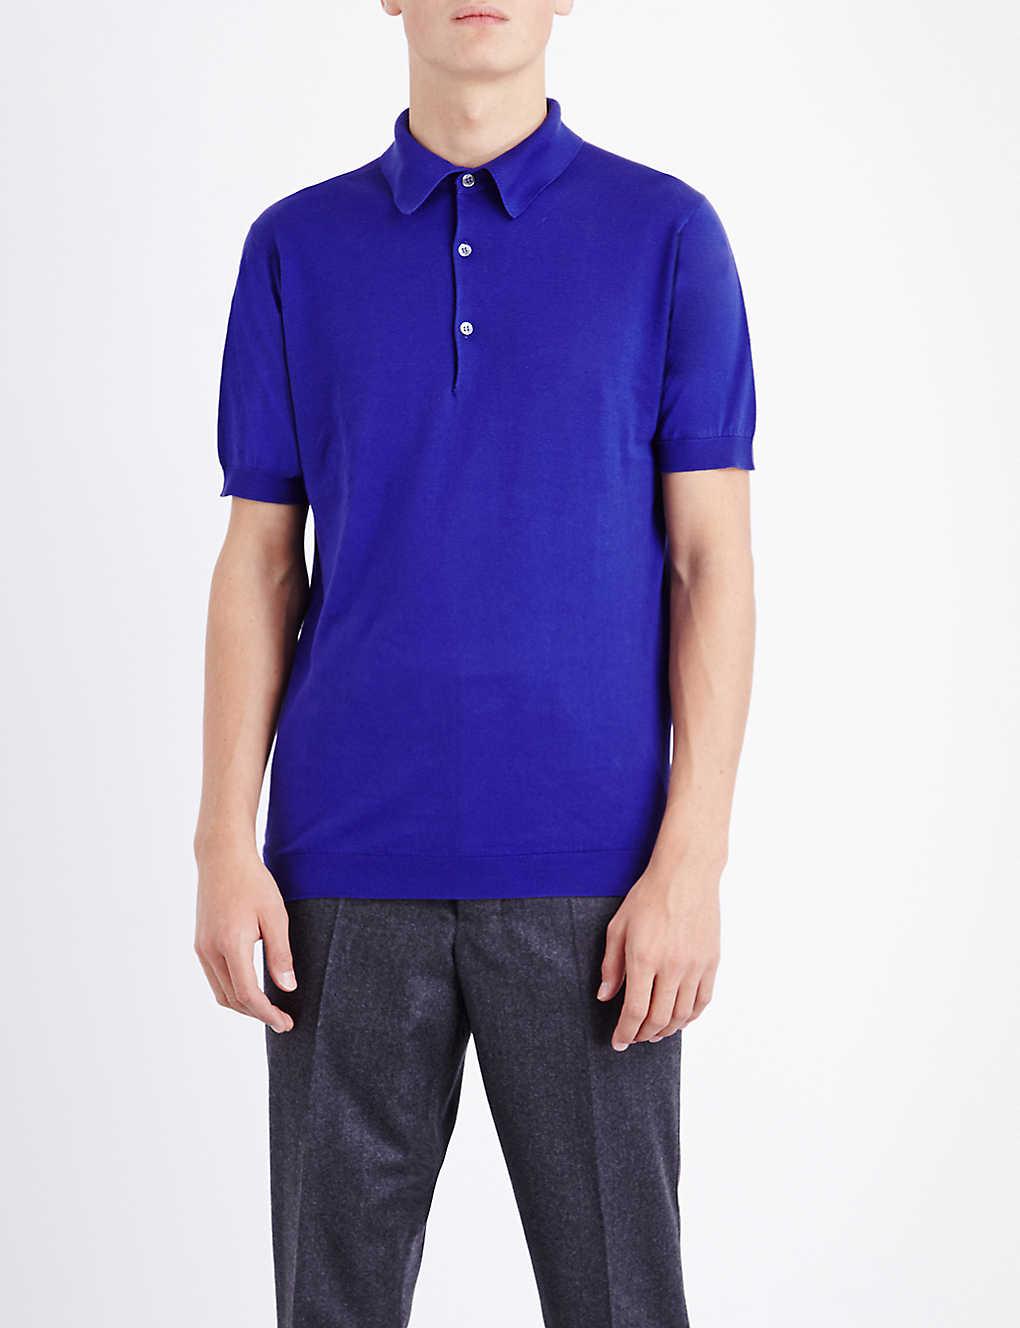 792f2e5f65d8 JOHN SMEDLEY - Adrian cotton polo shirt   Selfridges.com